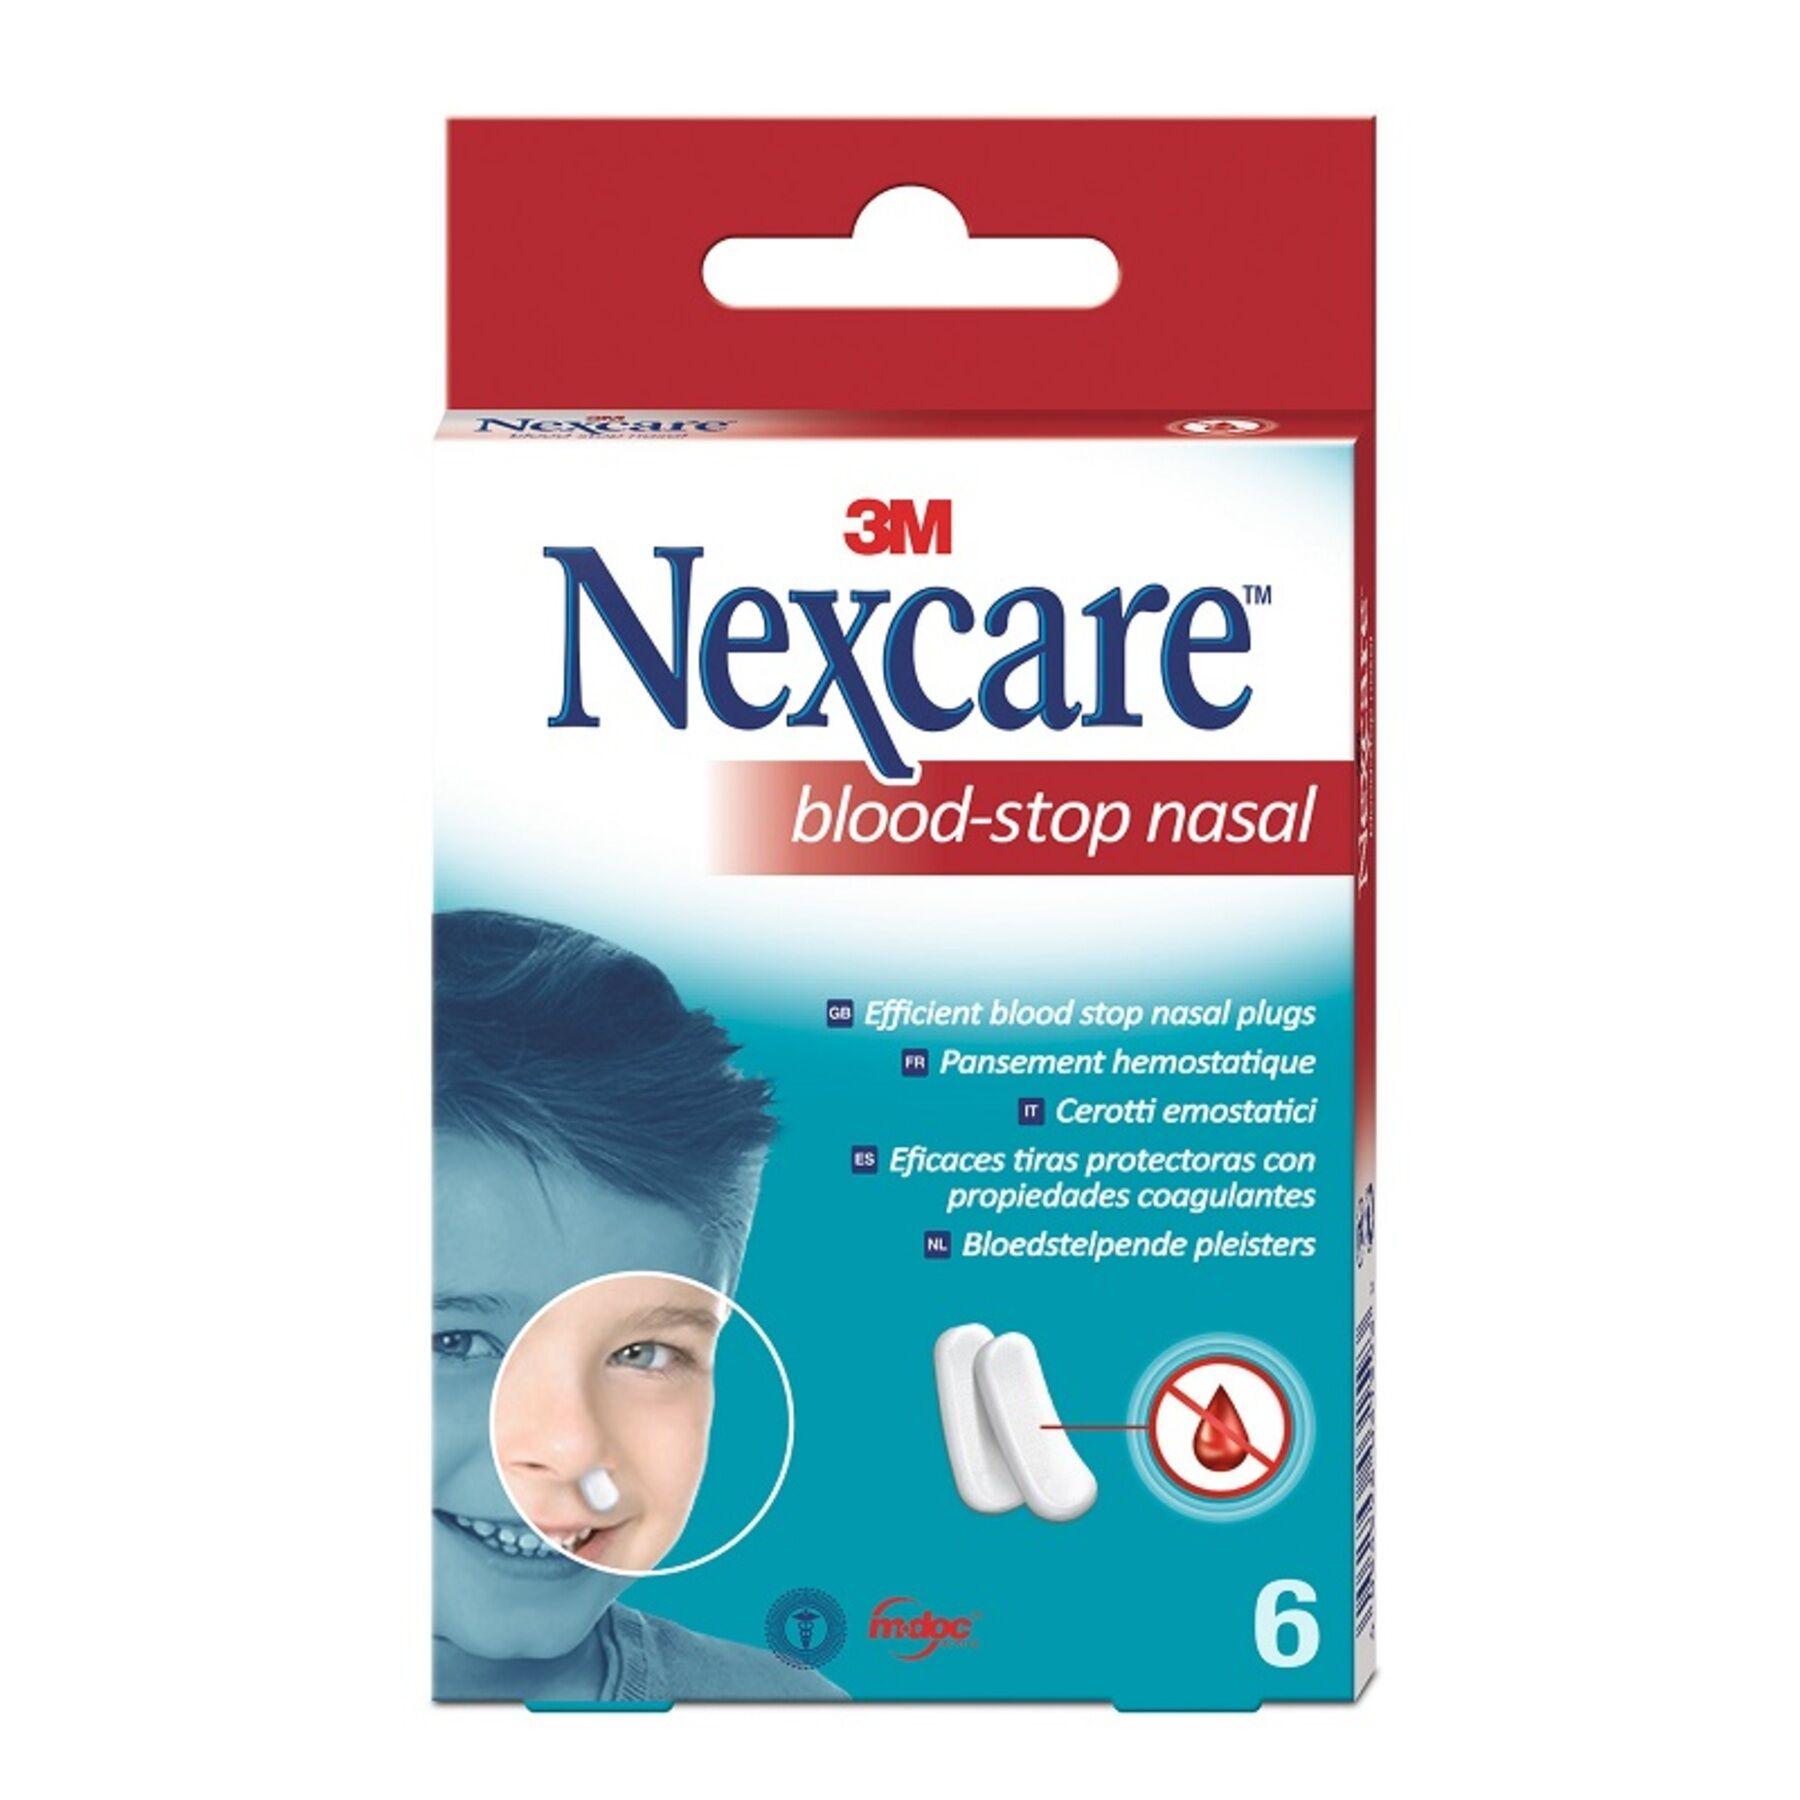 3M Tamponi nasali 3m nexcare blood stop n1700np 6 pezzi